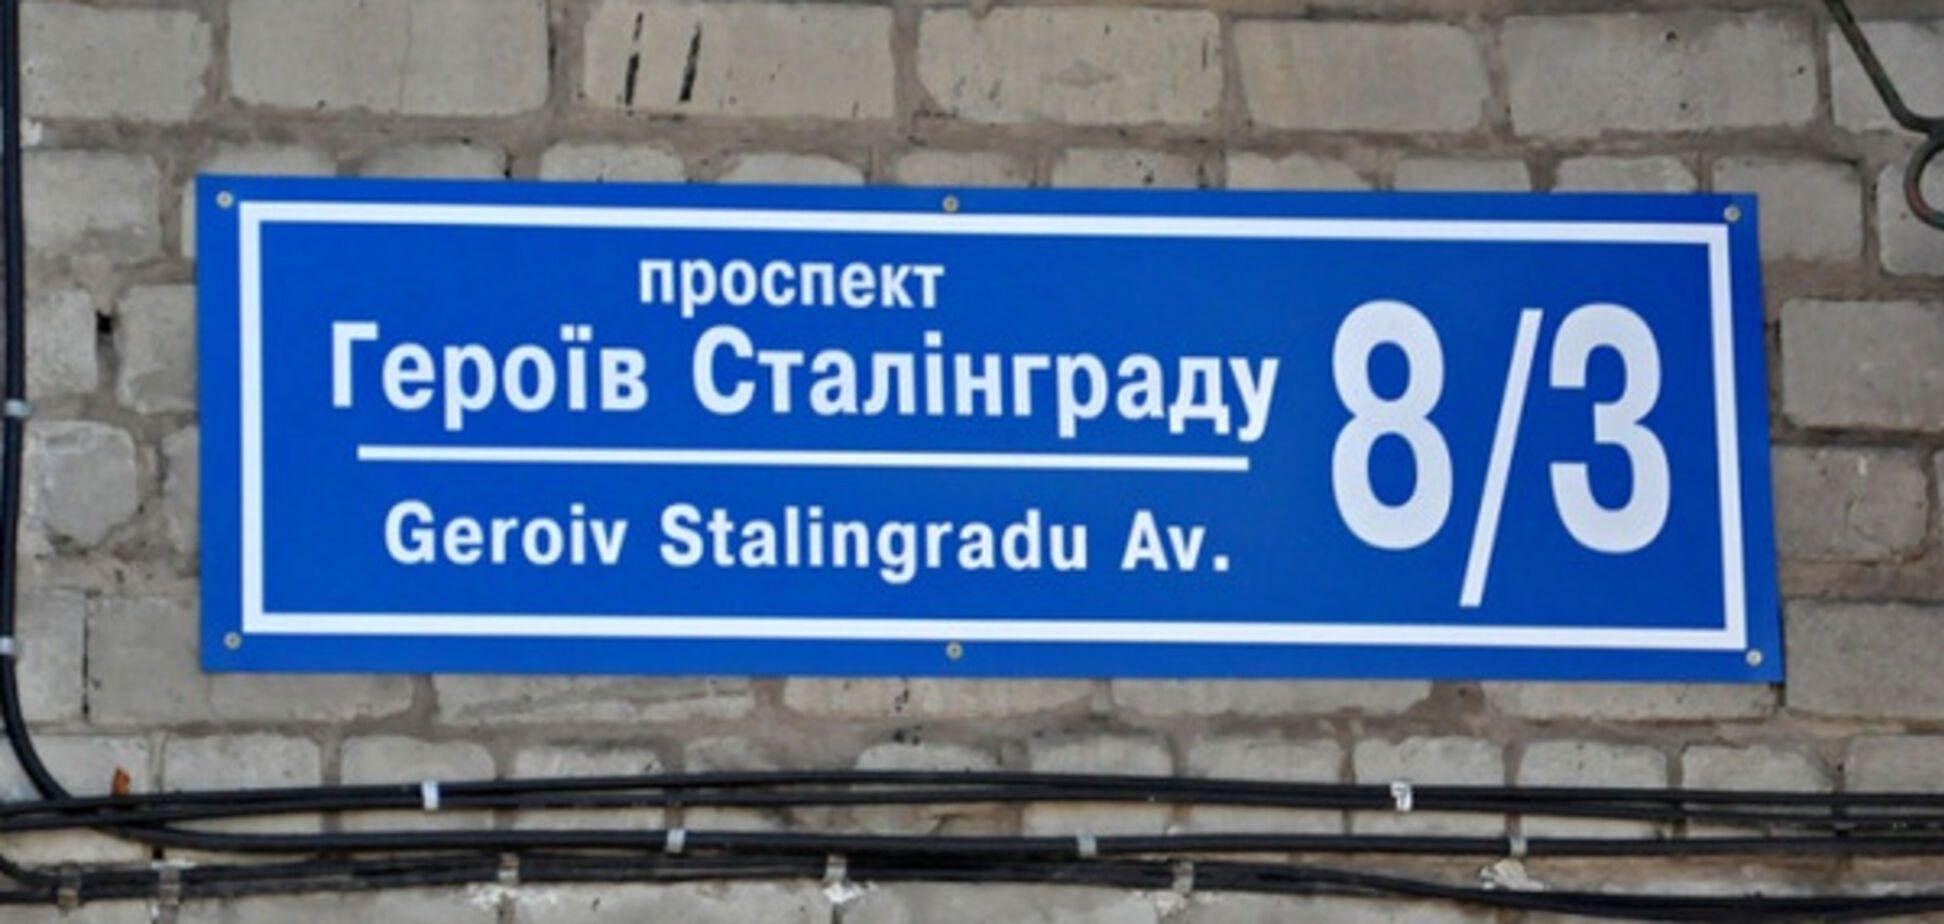 Героев Сталинграда Харьков